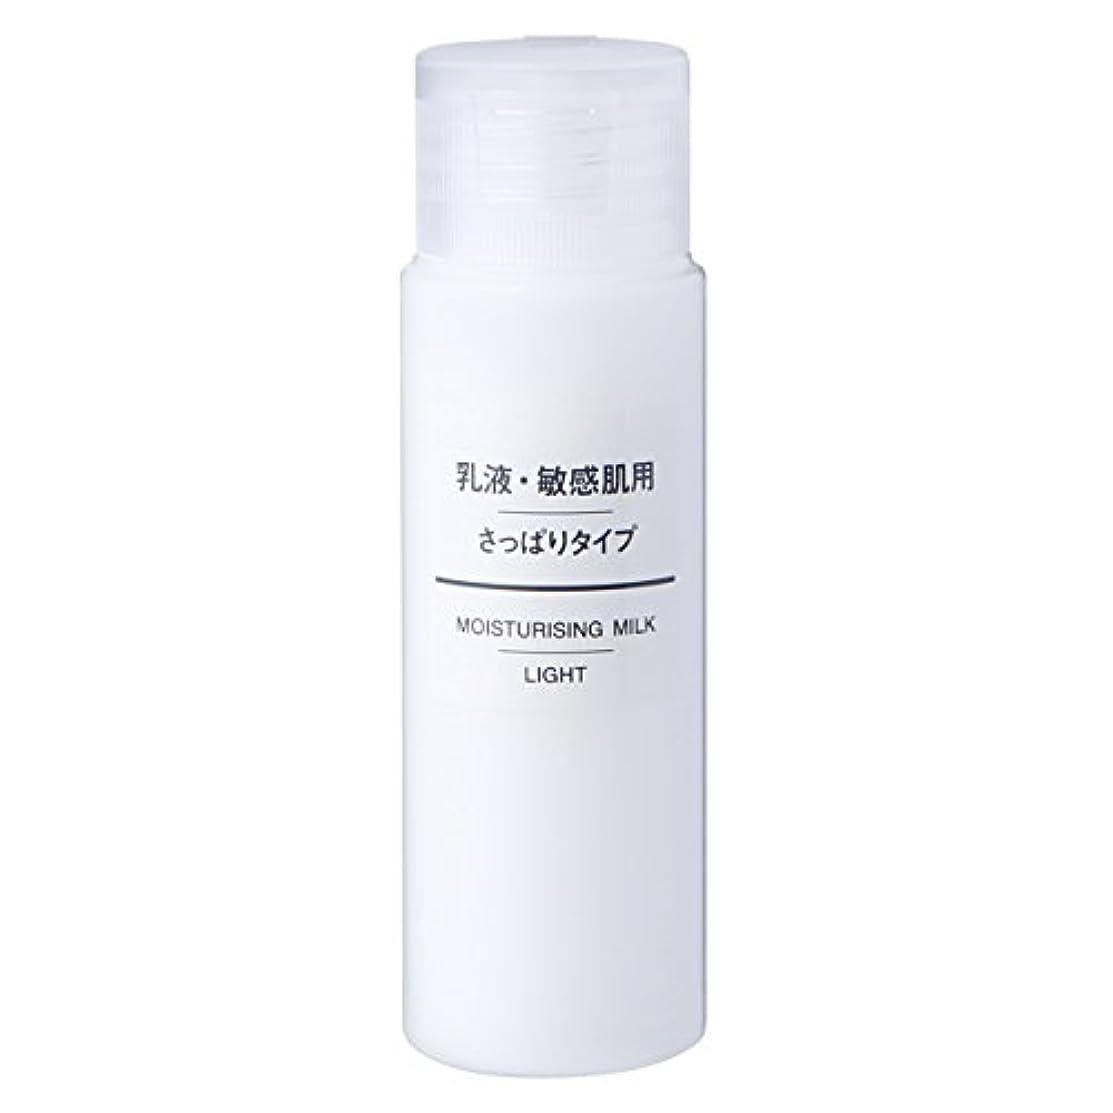 無印良品 乳液 敏感肌用 さっぱりタイプ(携帯用) 50ml